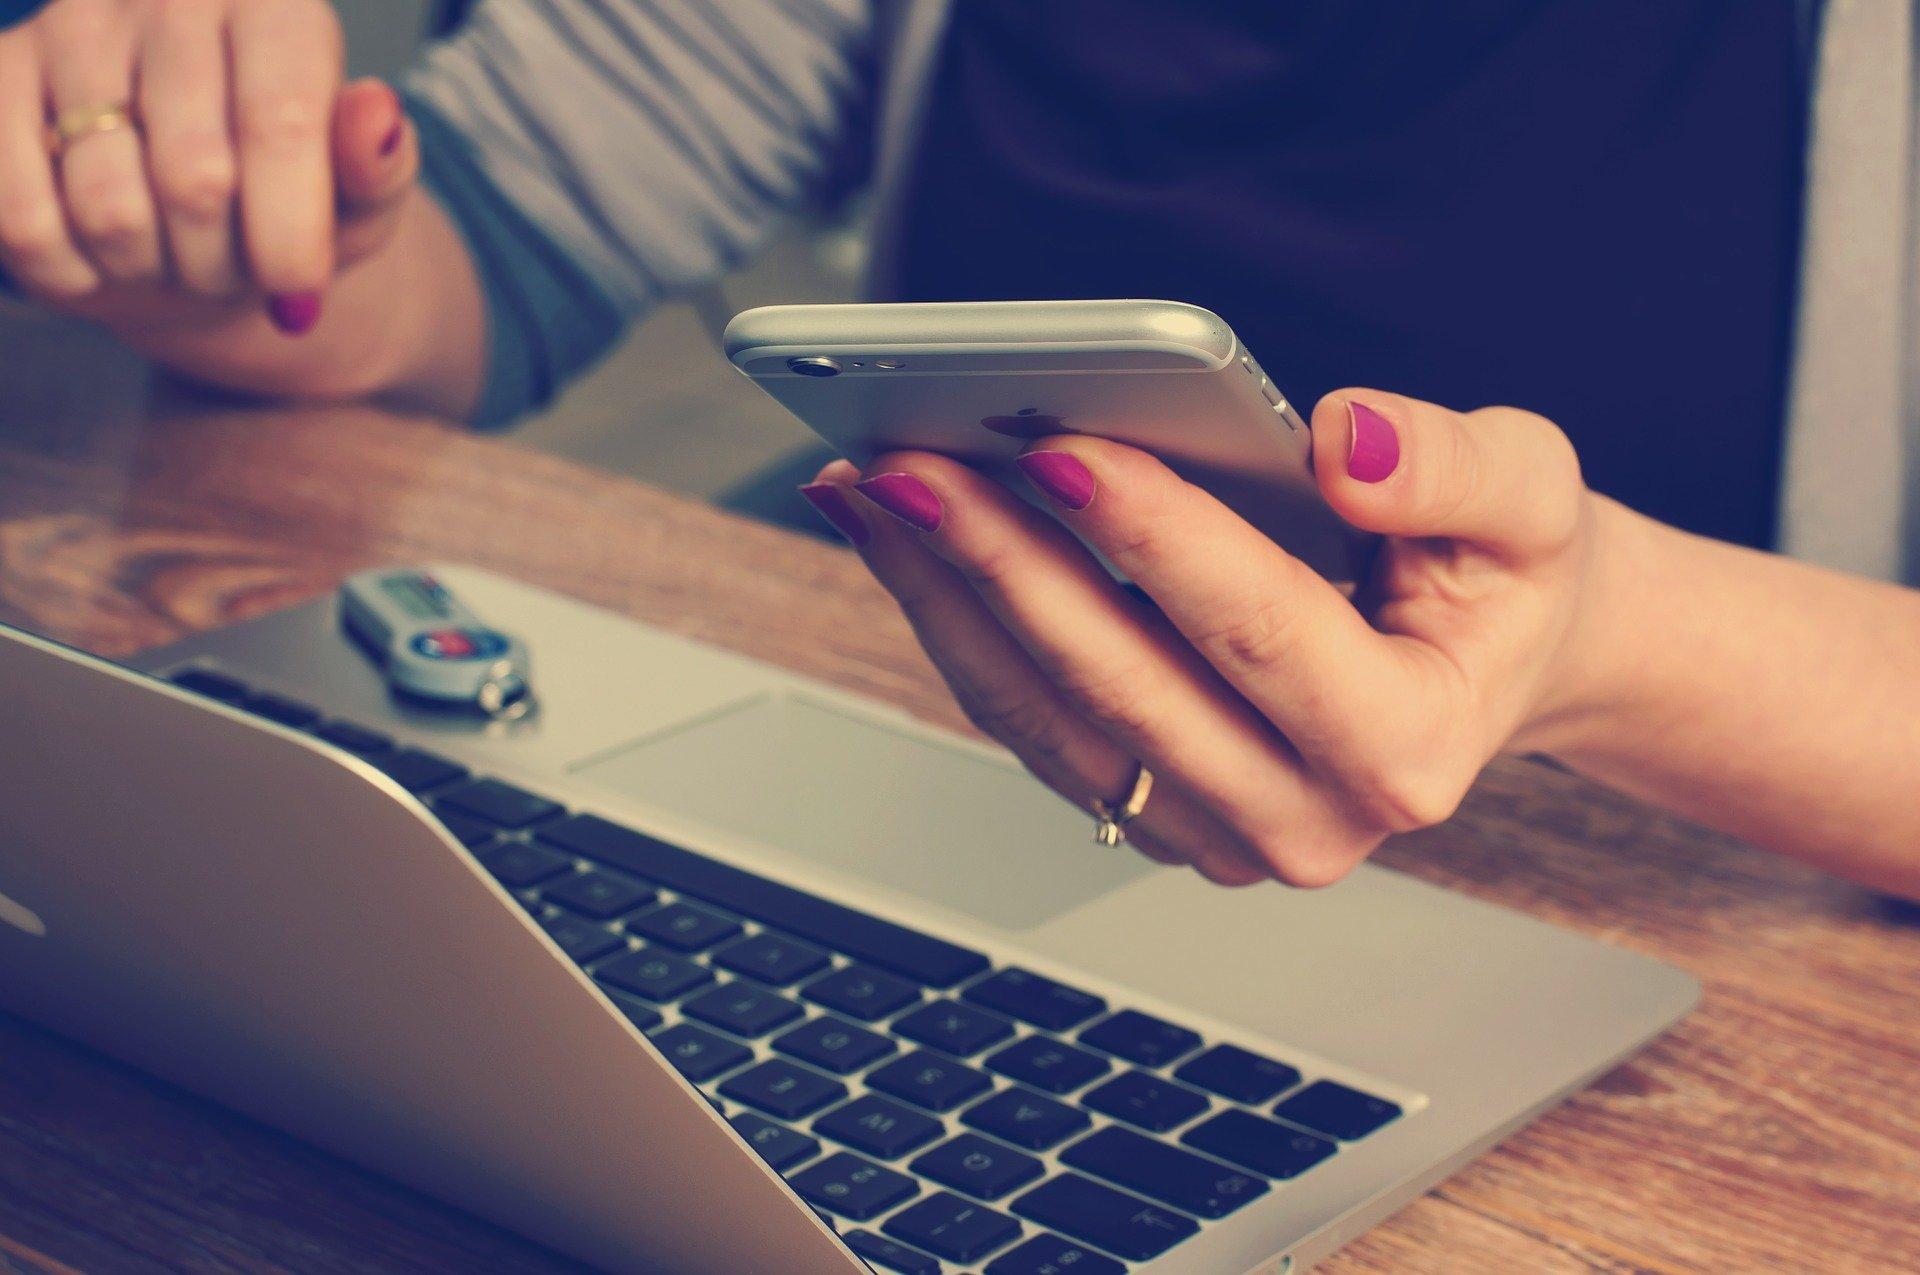 12 Preguntas que deberías hacerte antes de publicar algo en línea